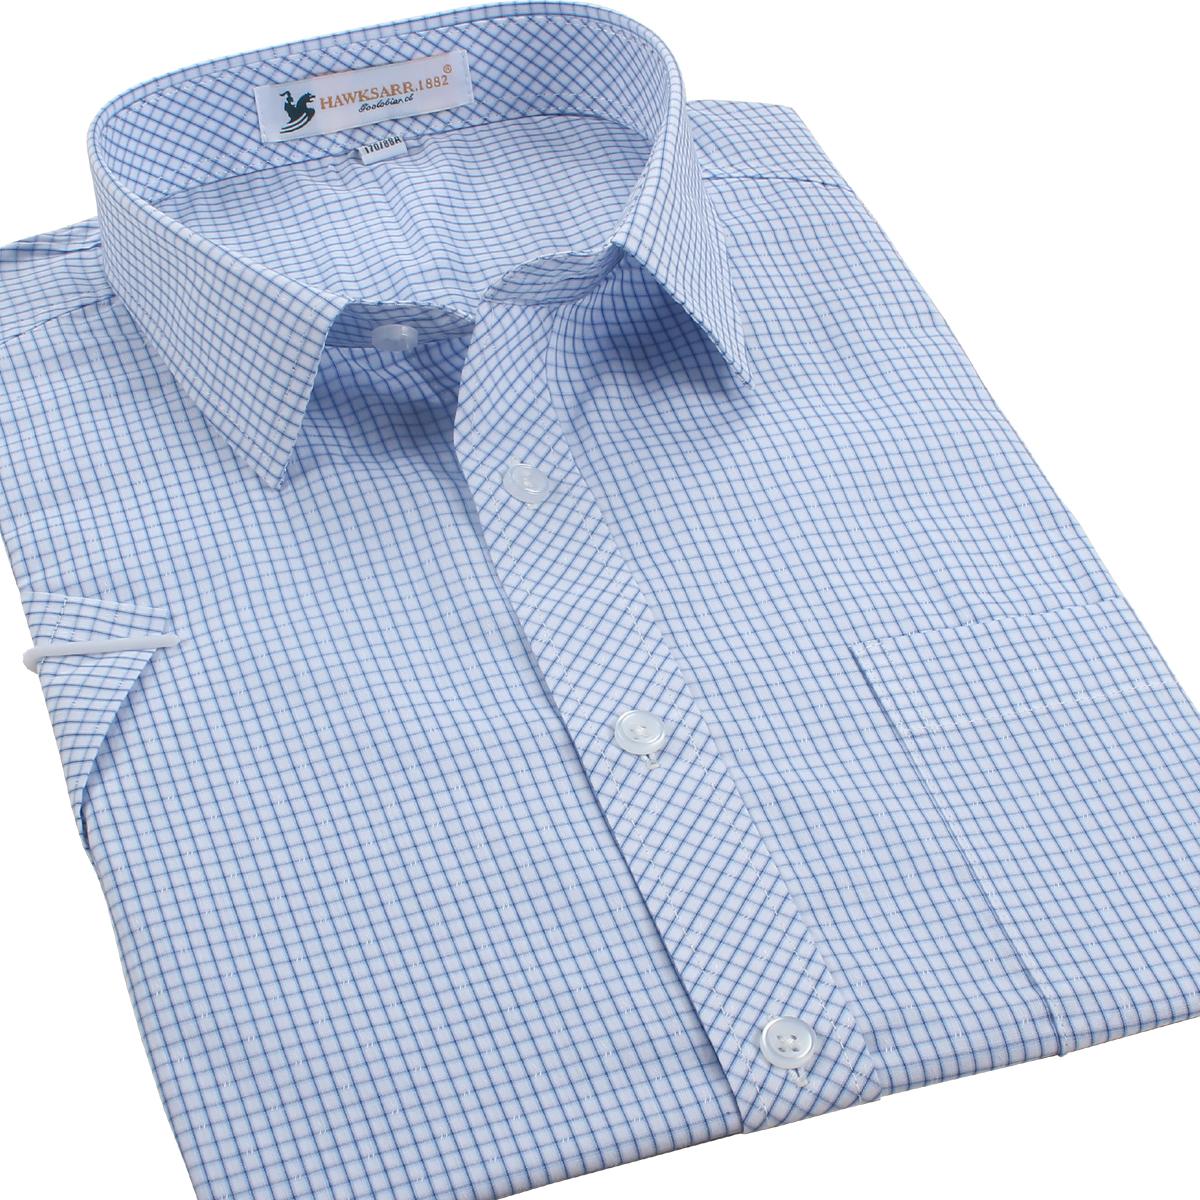 男士短袖衬衫薄款 纯棉宽松半袖格子衬衣 休闲男装夏款